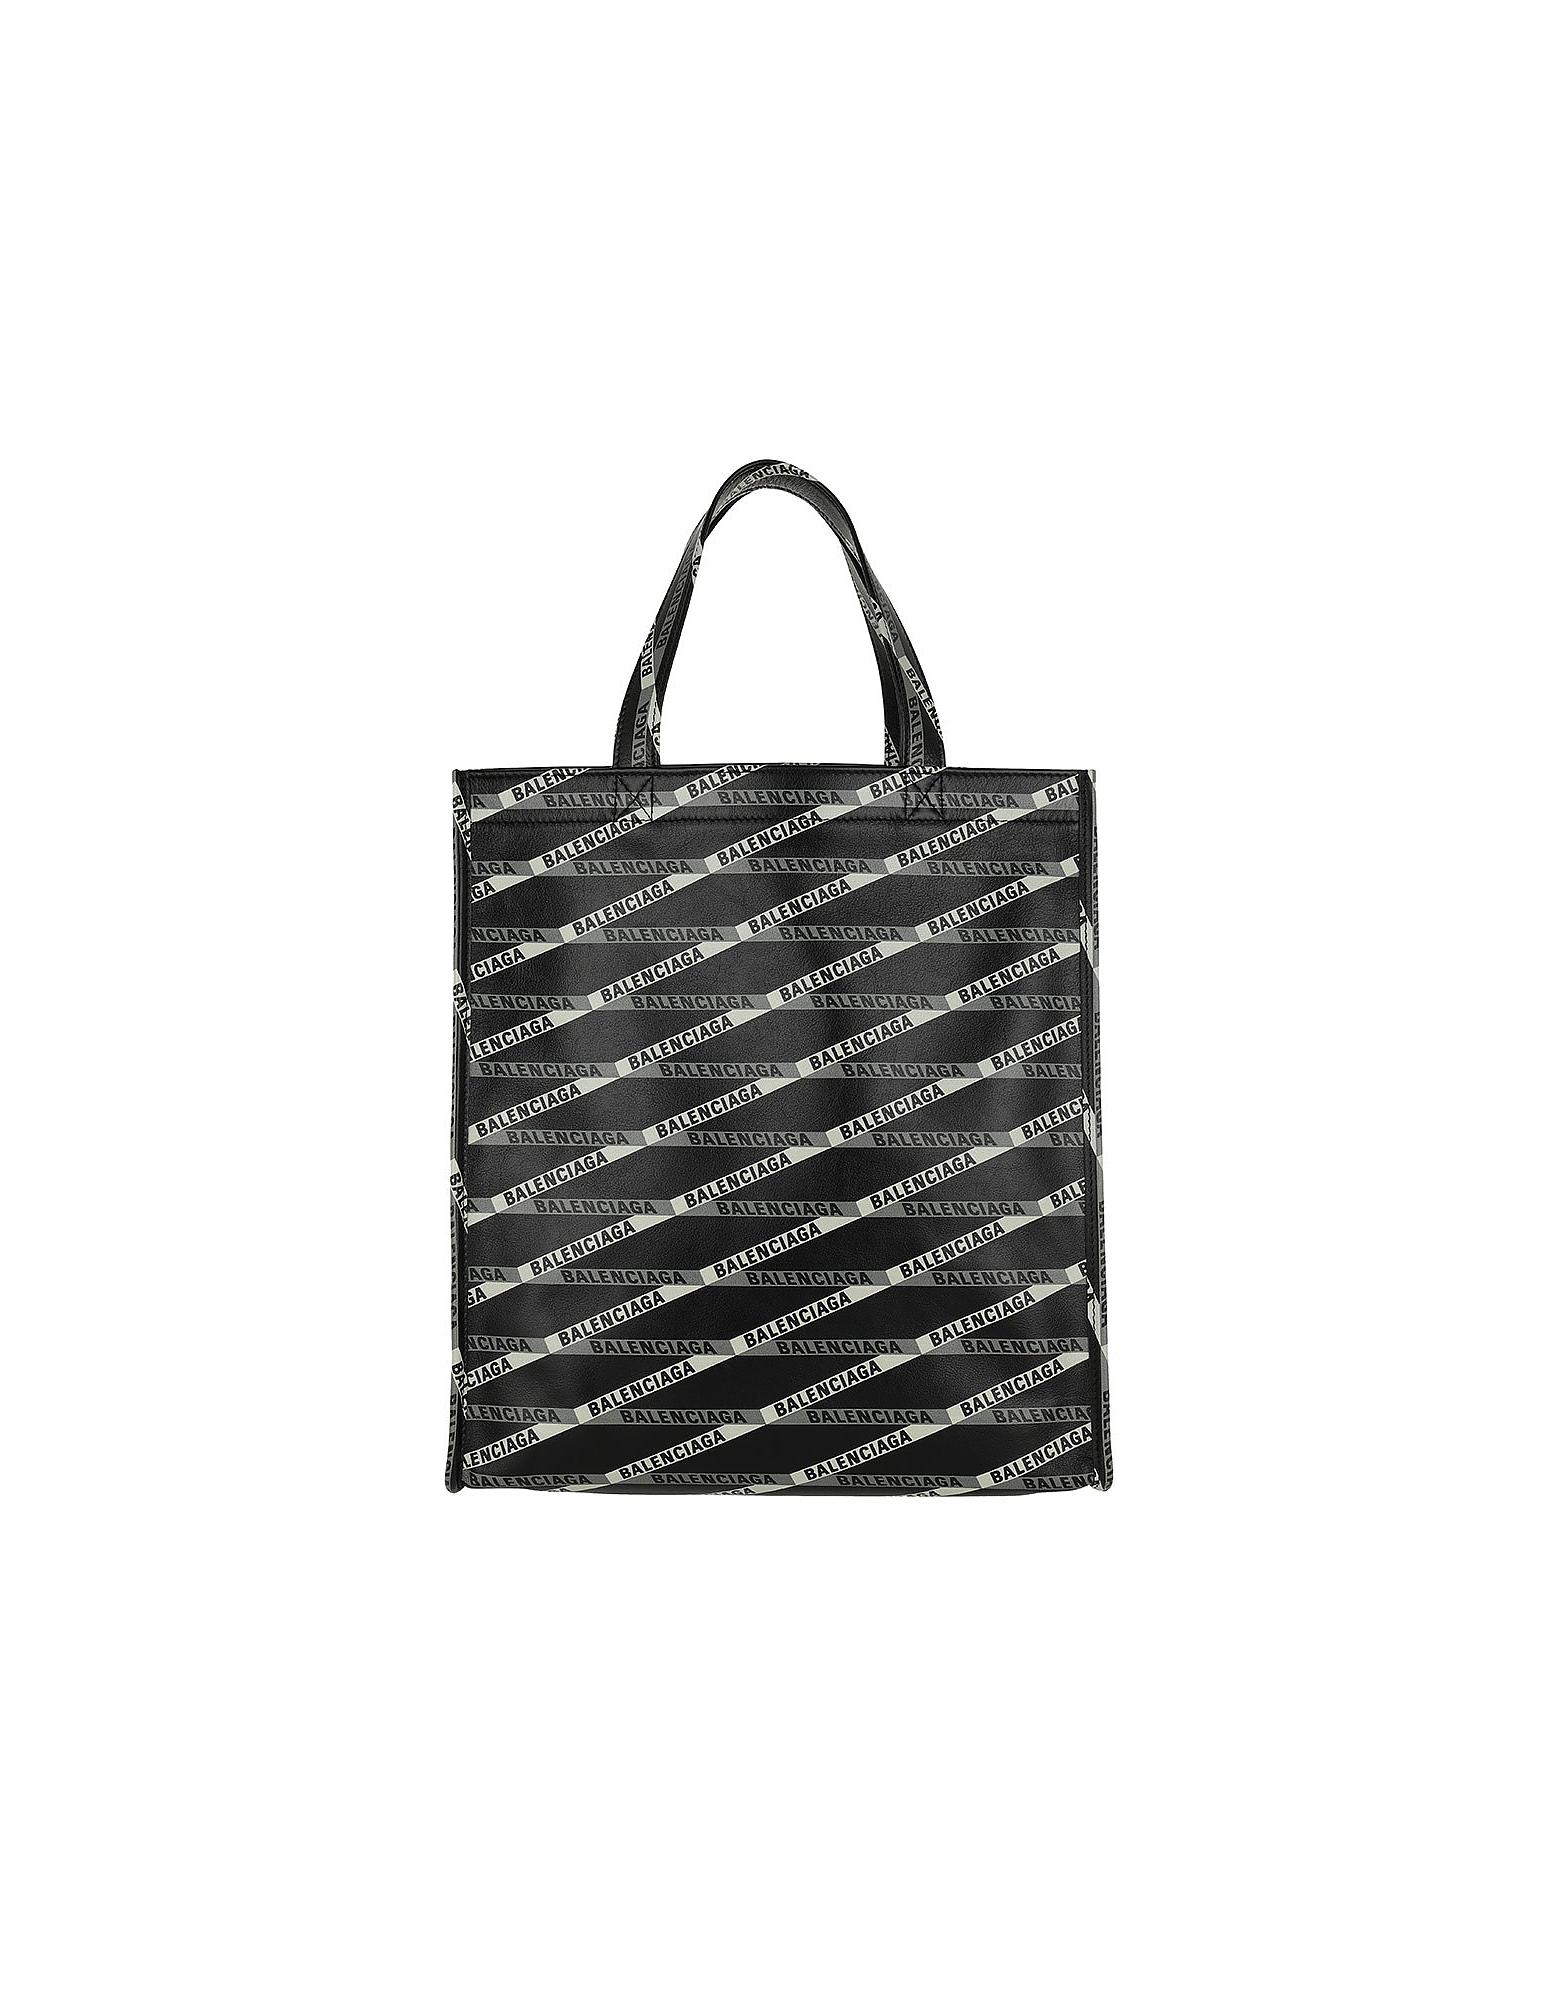 Balenciaga Handbags, Market Shopper S Noir/Gris